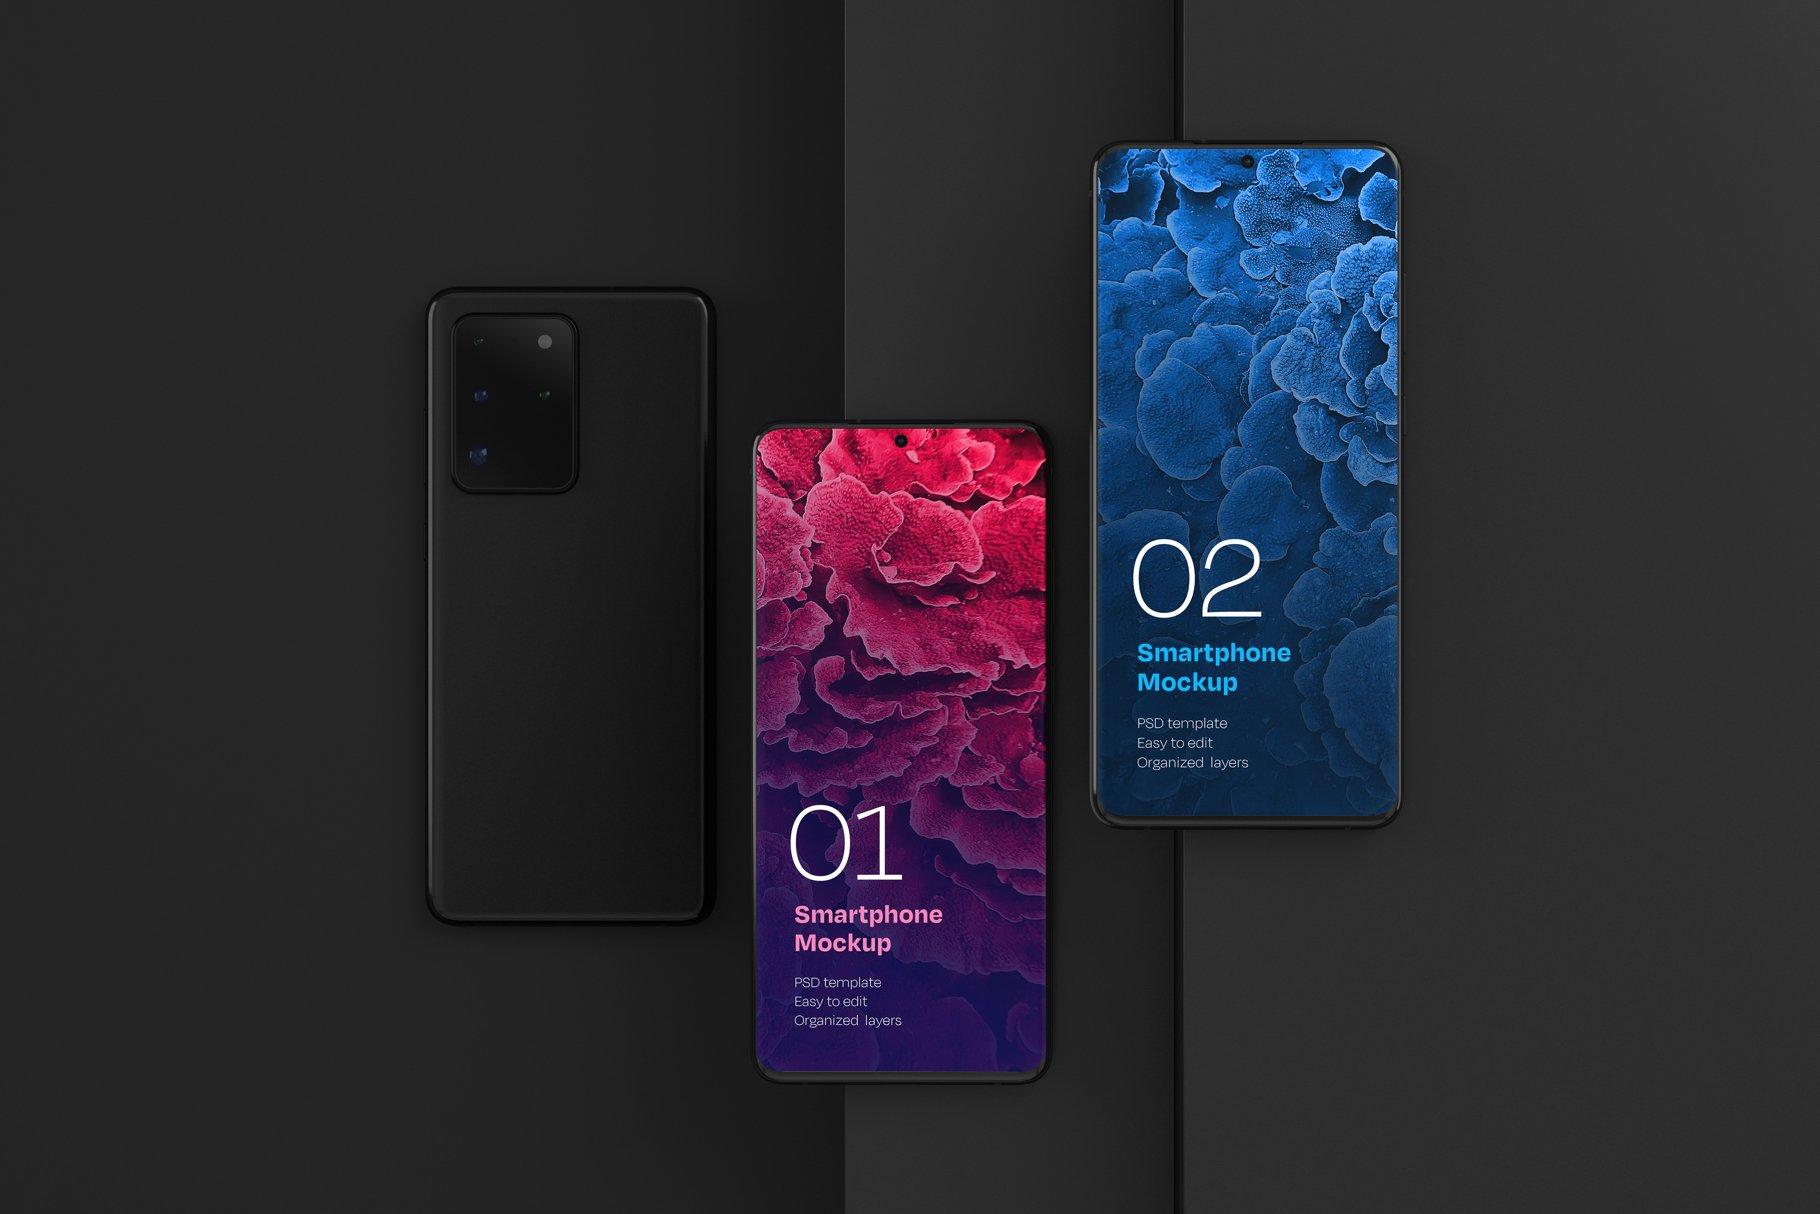 16款应用APP设计三星Galaxy S20手机屏幕演示样机 Galaxy S20 Ultra Device Mockup插图(2)